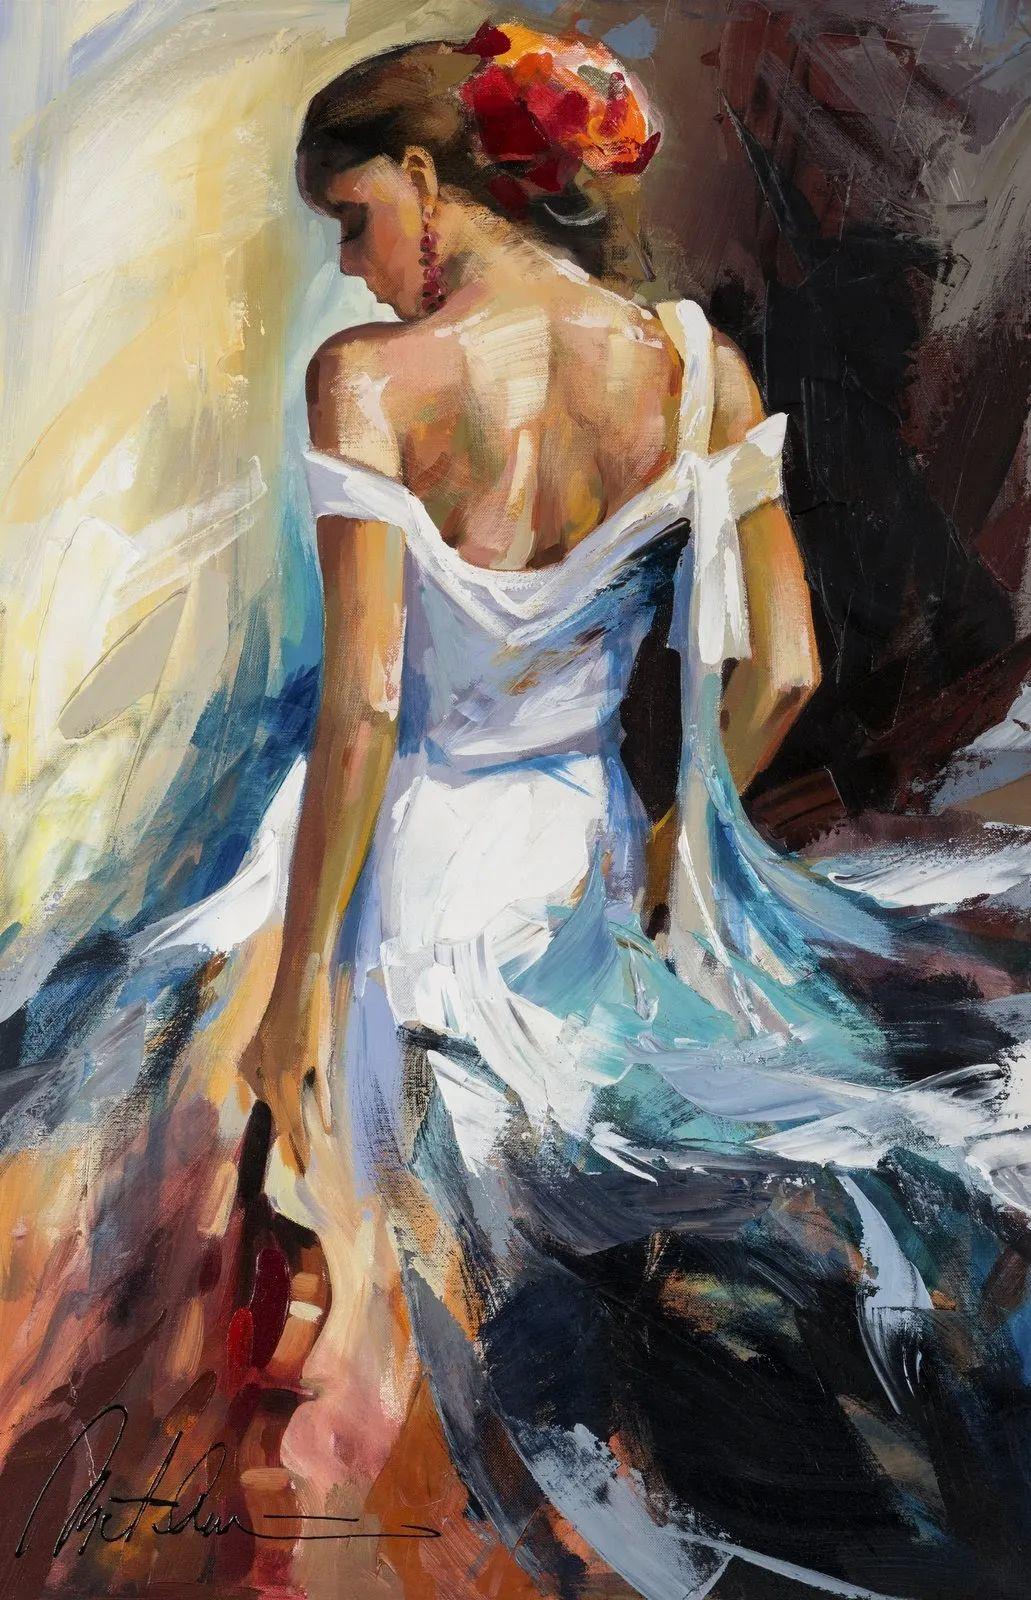 捕捉舞者的瞬间,色彩丰富表现力强!乌克兰画家阿纳托利·梅特兰插图35